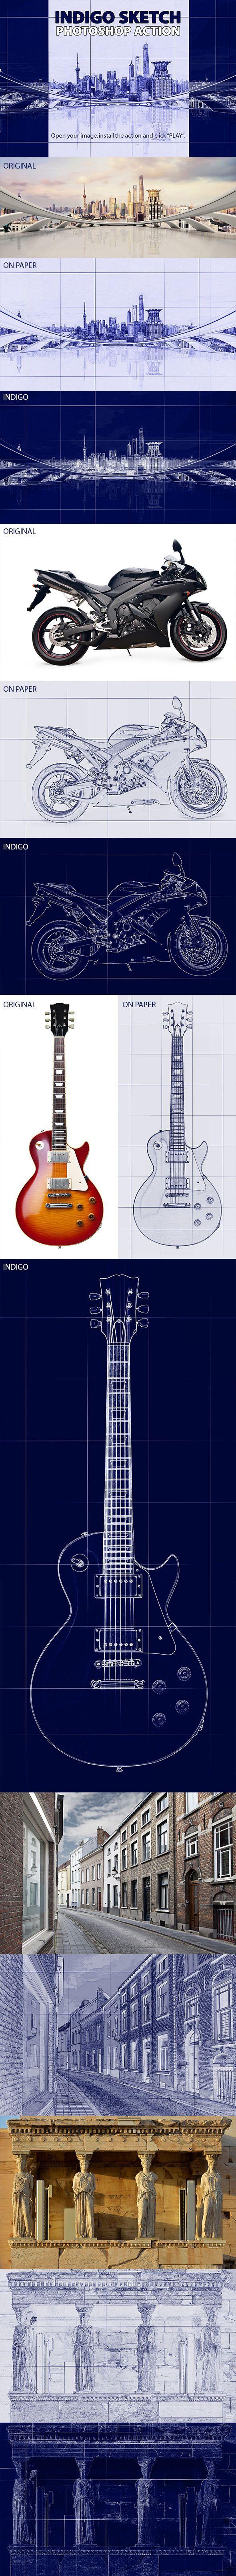 Indigo Sketch Photoshop Action #photoeffect Download: http://graphicriver.net/item/indigo-sketch-photoshop-action/11425404?ref=ksioks